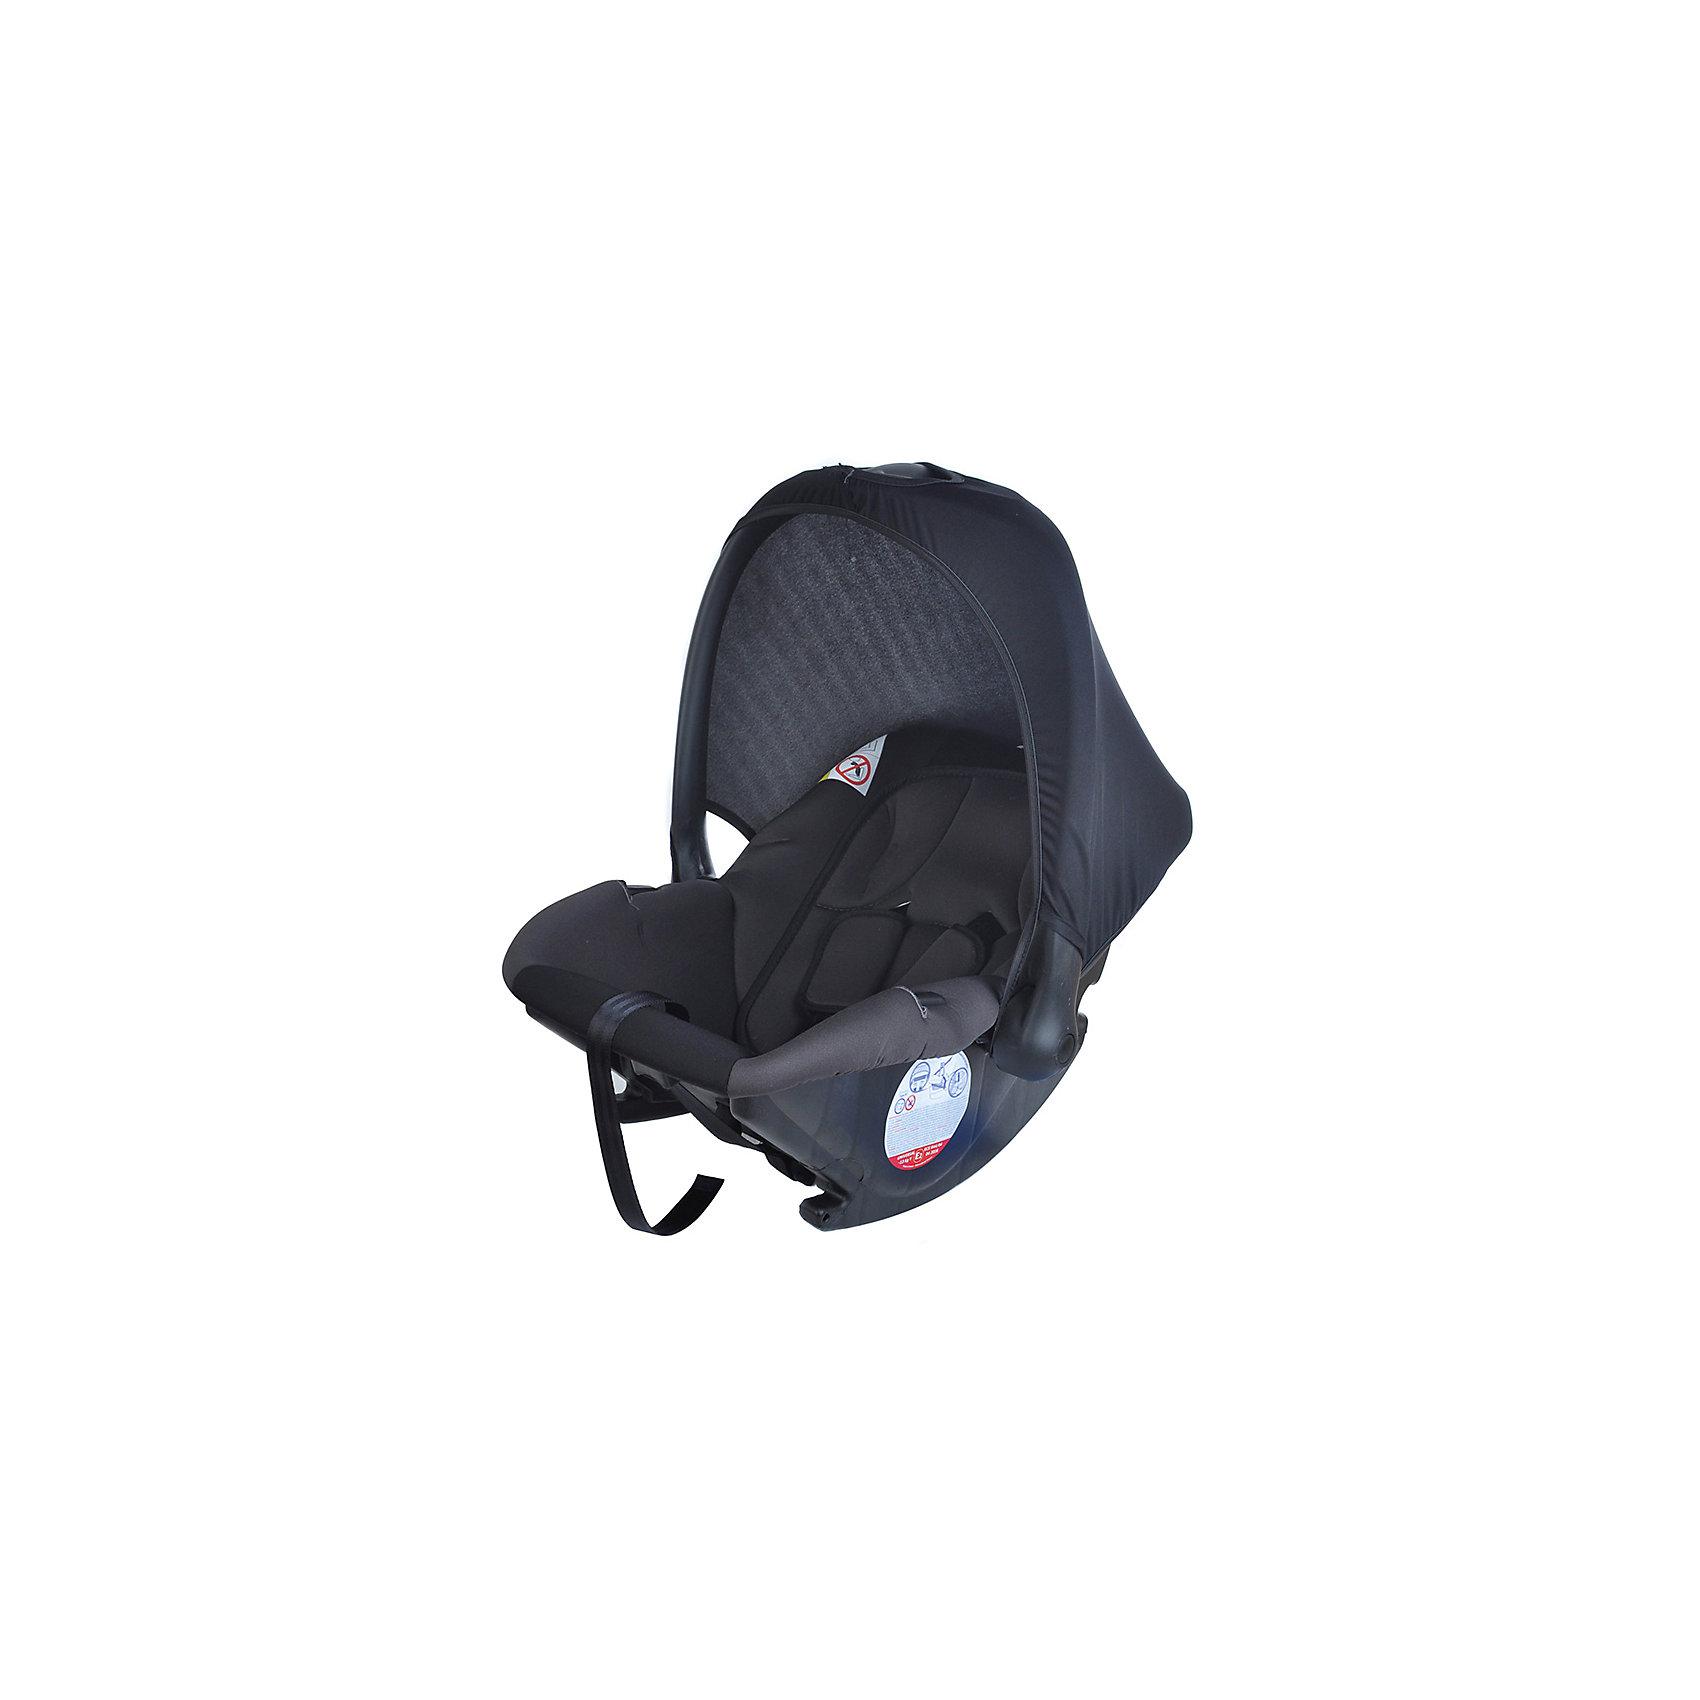 Автокресло Nania Baby Ride 0-13 кг, RockГруппа 0+ (До 13 кг)<br>Это прекрасное автокресло может стать первым попутчиком Вашего малыша во время автомобильных прогулок!<br>Прочный каркас анатомической формы обеспечит сто процентную защиту малыша. А пятиточечные ремни безопасности с 3 -мя уровнями регулировки по высоте и мягкими плечевыми накладками дополнительно будут защищать ребенка.<br><br>Характеристики:<br>- Группа: 0+(от 0 до 13кг).<br>- 3-точечные ремни безопасности с центральной регулировкой.<br>- Спинка не регулируется.<br>- Съемные и моющиеся чехлы.<br>- Вид крепления: штатным ремнем автомобиля.<br>- Способ установки: на заднем сиденье лицом против направления движения  и на переднем сиденье только в том случае, если подушка безопасности отключена.<br><br>Дополнительная информация:<br><br>- Возраст: от 0 до 9 месяцев.<br>- Материал: пластик, текстиль.<br>- Цвет: серый.<br>- Размер упаковки: 65х44х30 см.<br>- Вес в упаковке: 2650 кг.<br><br>Купить автокресло Baby Ride ROCK, Nania, в сером цвете,  можно в нашем магазине.<br><br>Ширина мм: 650<br>Глубина мм: 440<br>Высота мм: 300<br>Вес г: 2650<br>Возраст от месяцев: 0<br>Возраст до месяцев: 12<br>Пол: Унисекс<br>Возраст: Детский<br>SKU: 4828300